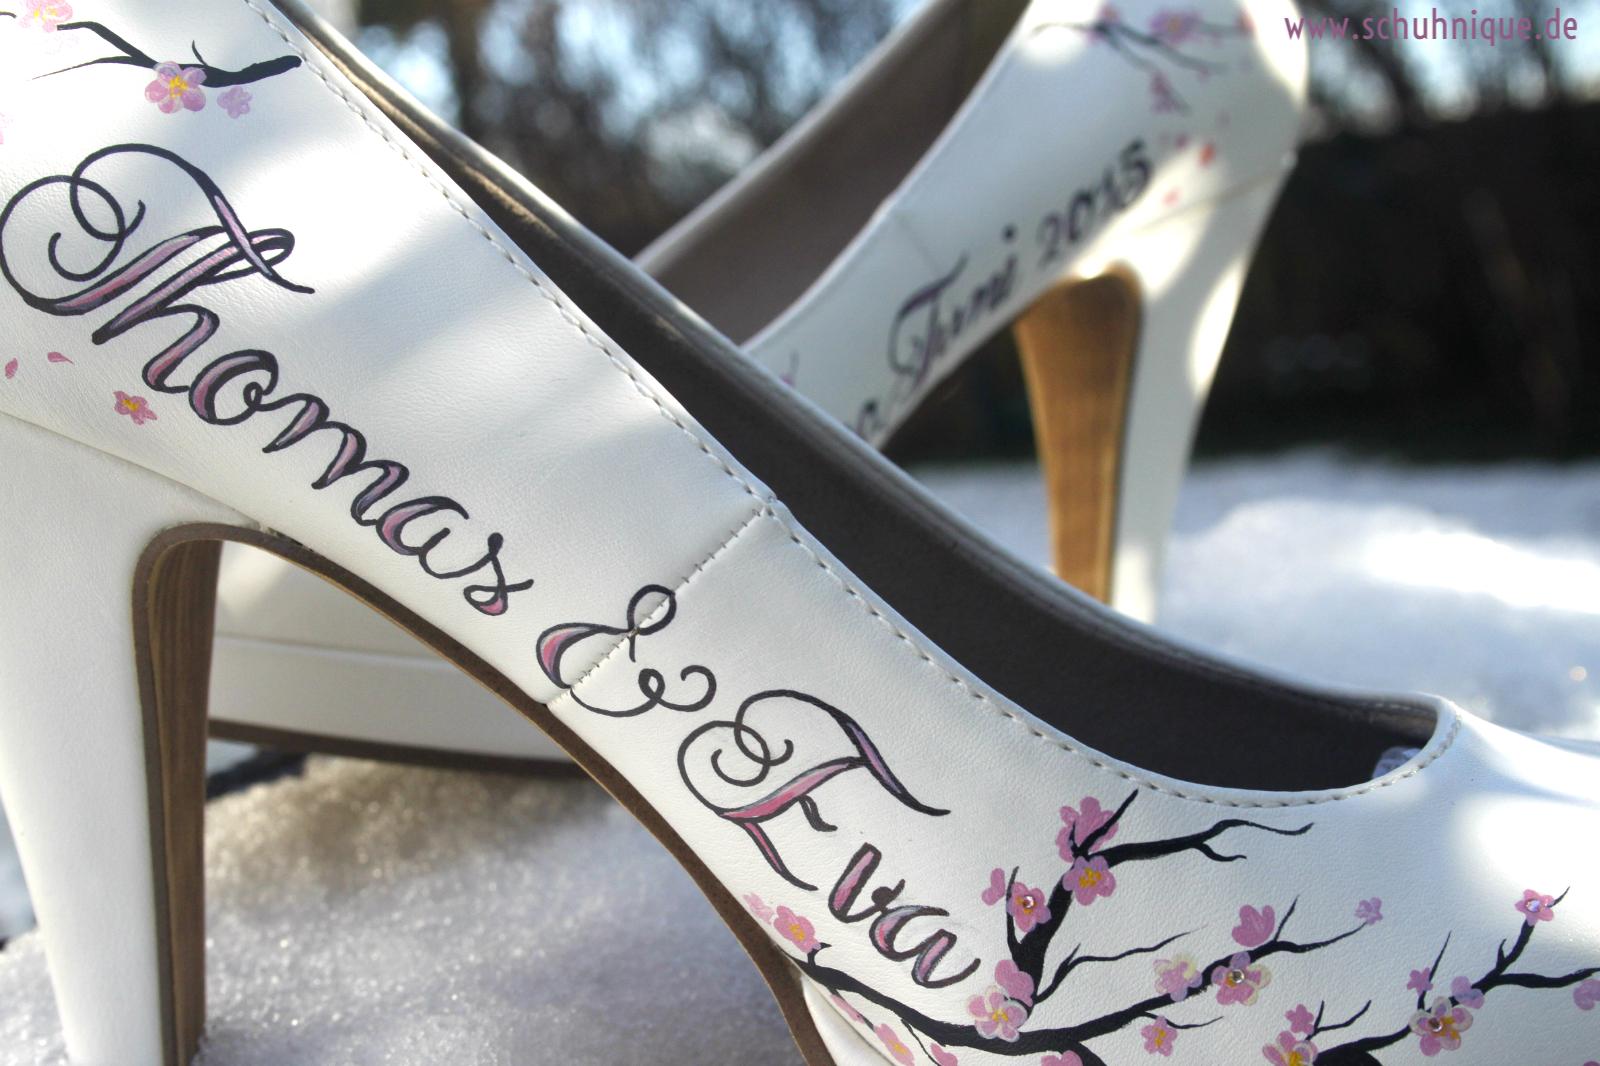 Brautschuhe Als Schone Erinnerung Fur Die Ewigkeit Brautblog